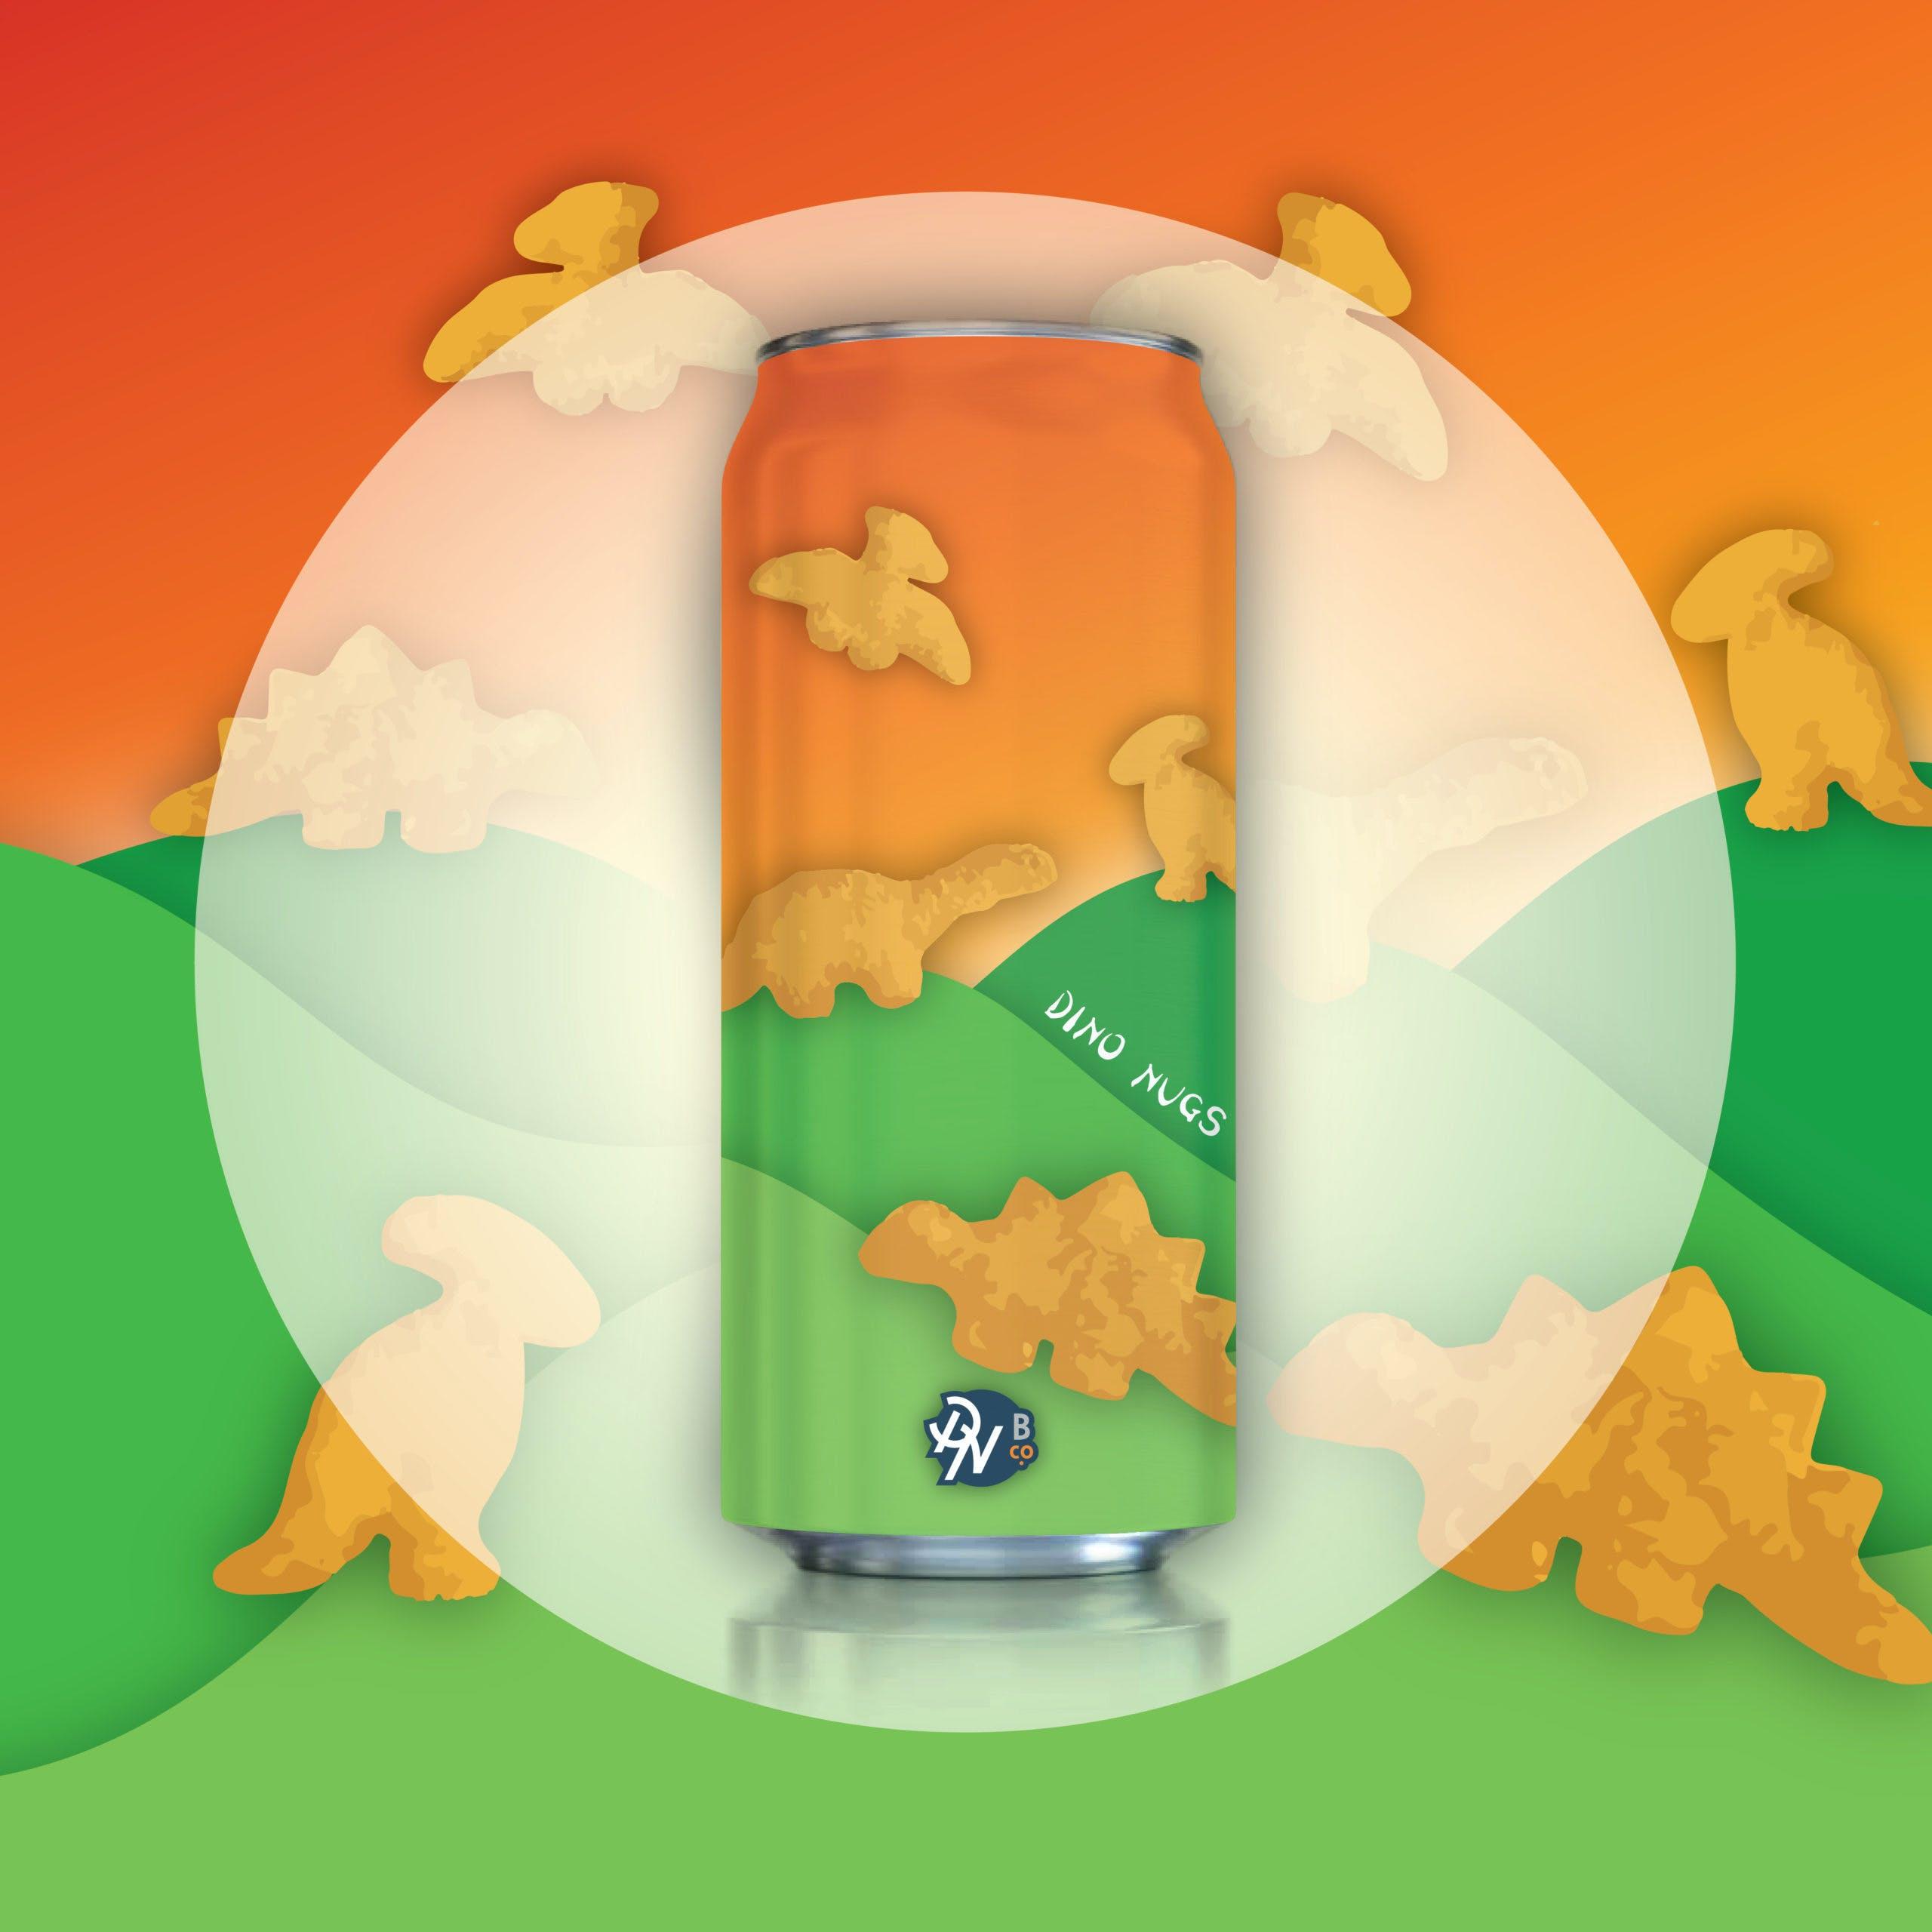 Dino Nugs | Double Nickel Brewing Co. Online Shop